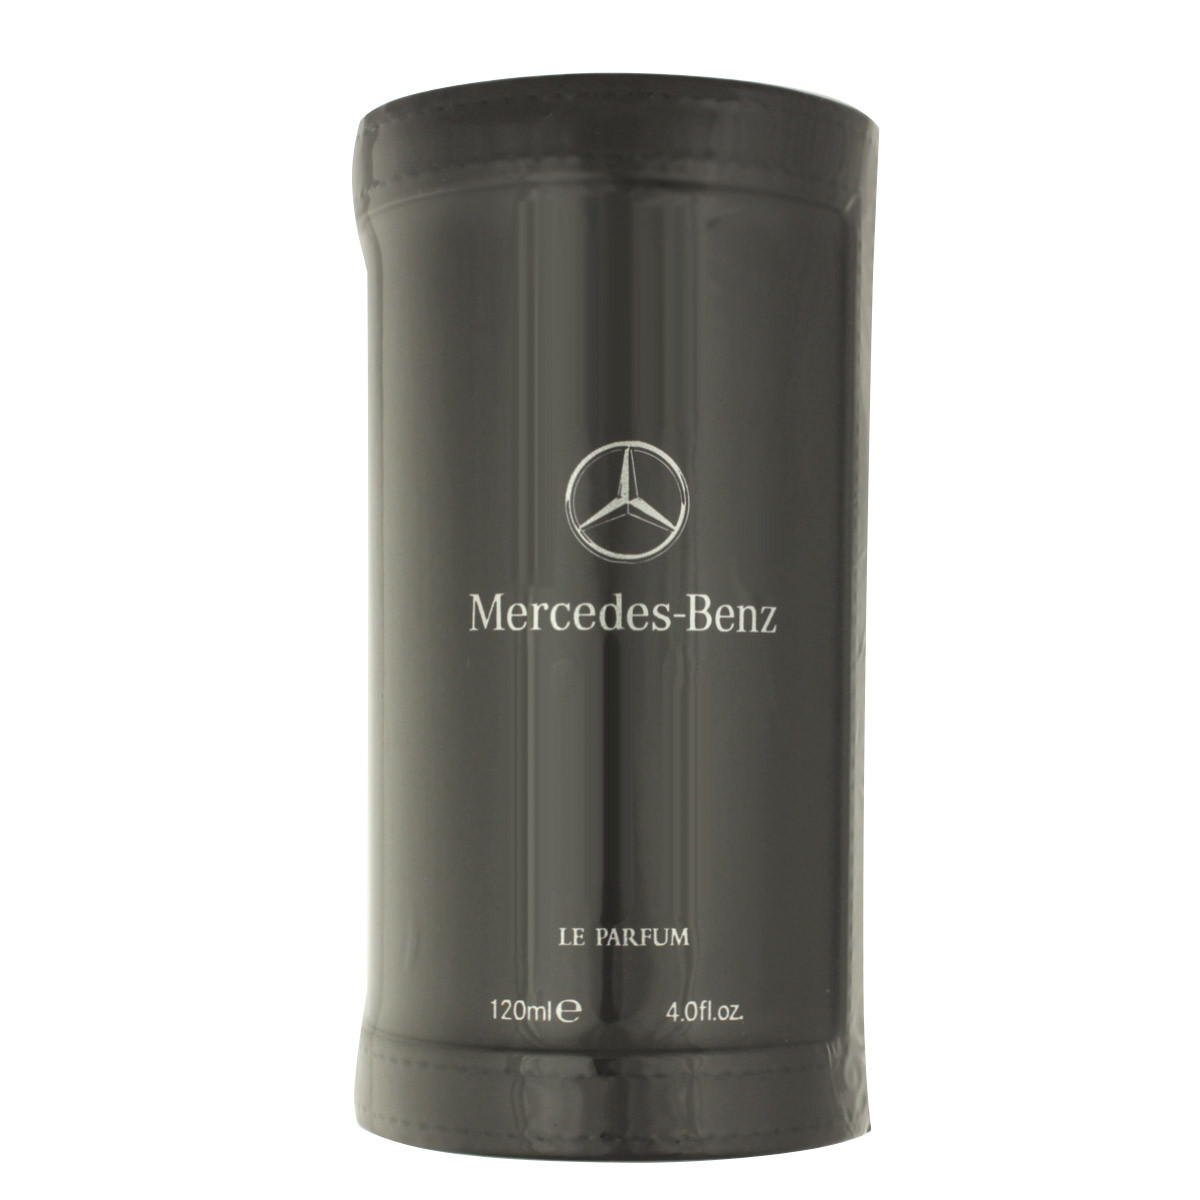 mercedes benz le parfum eau de parfum 120 ml man le. Black Bedroom Furniture Sets. Home Design Ideas